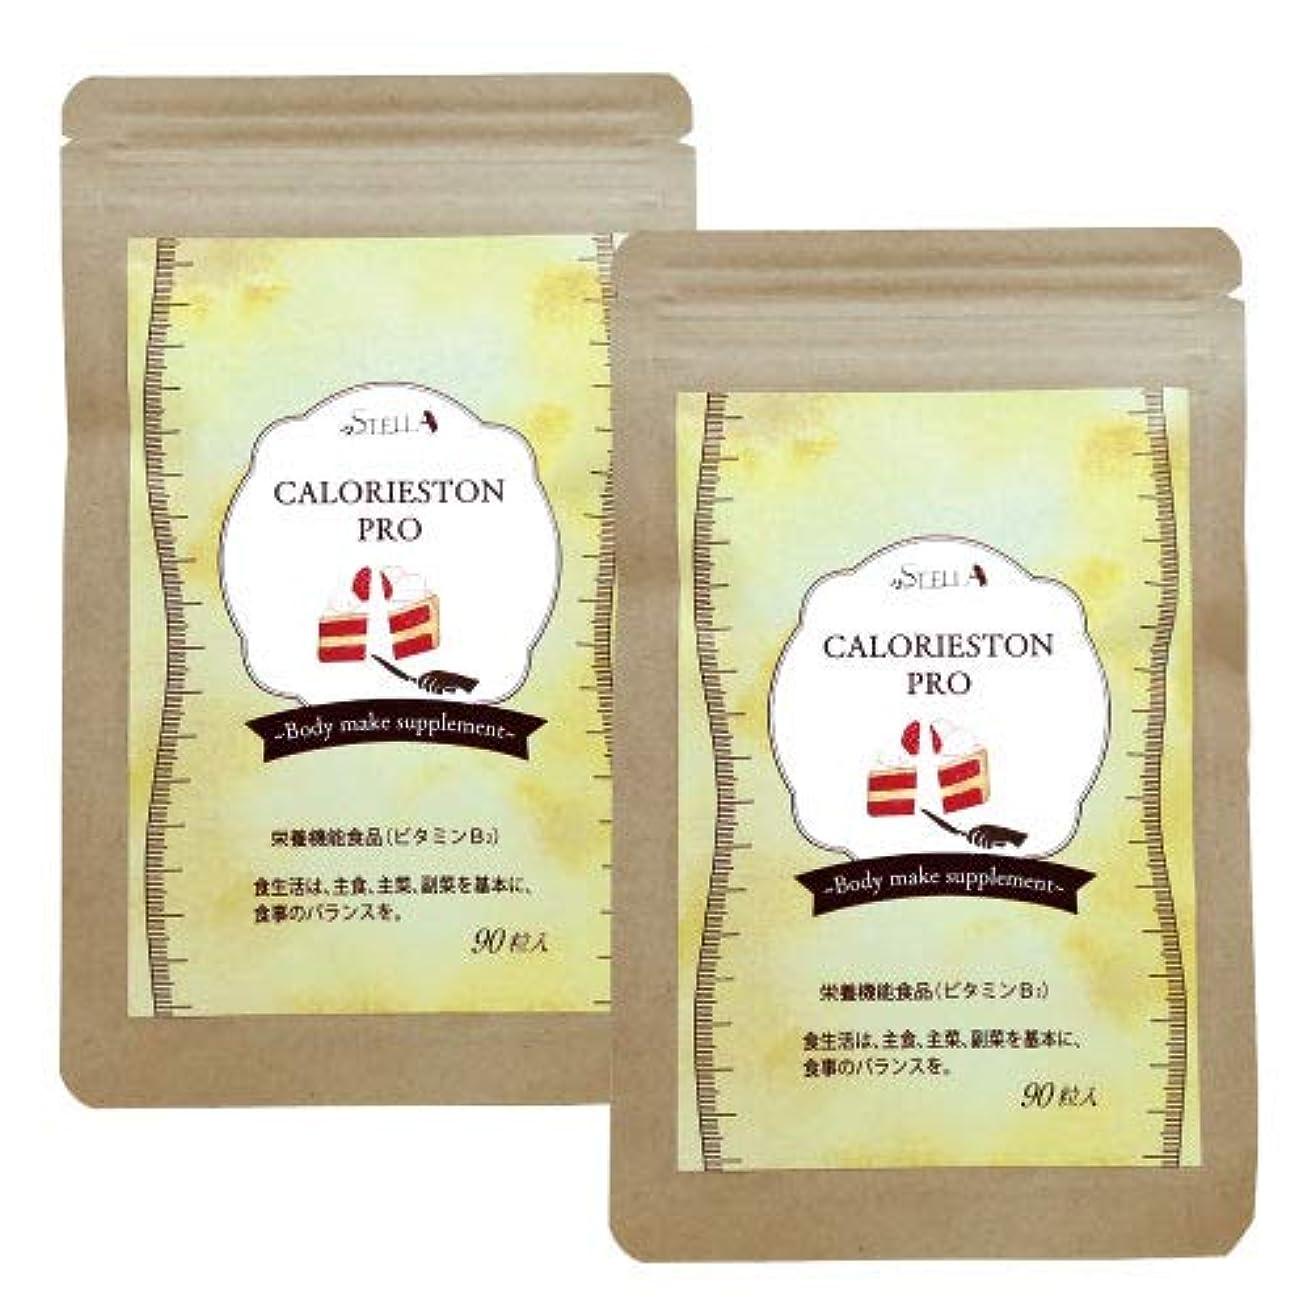 避けられないパケット味【公式保証】カロリストンPRO(2本セット)